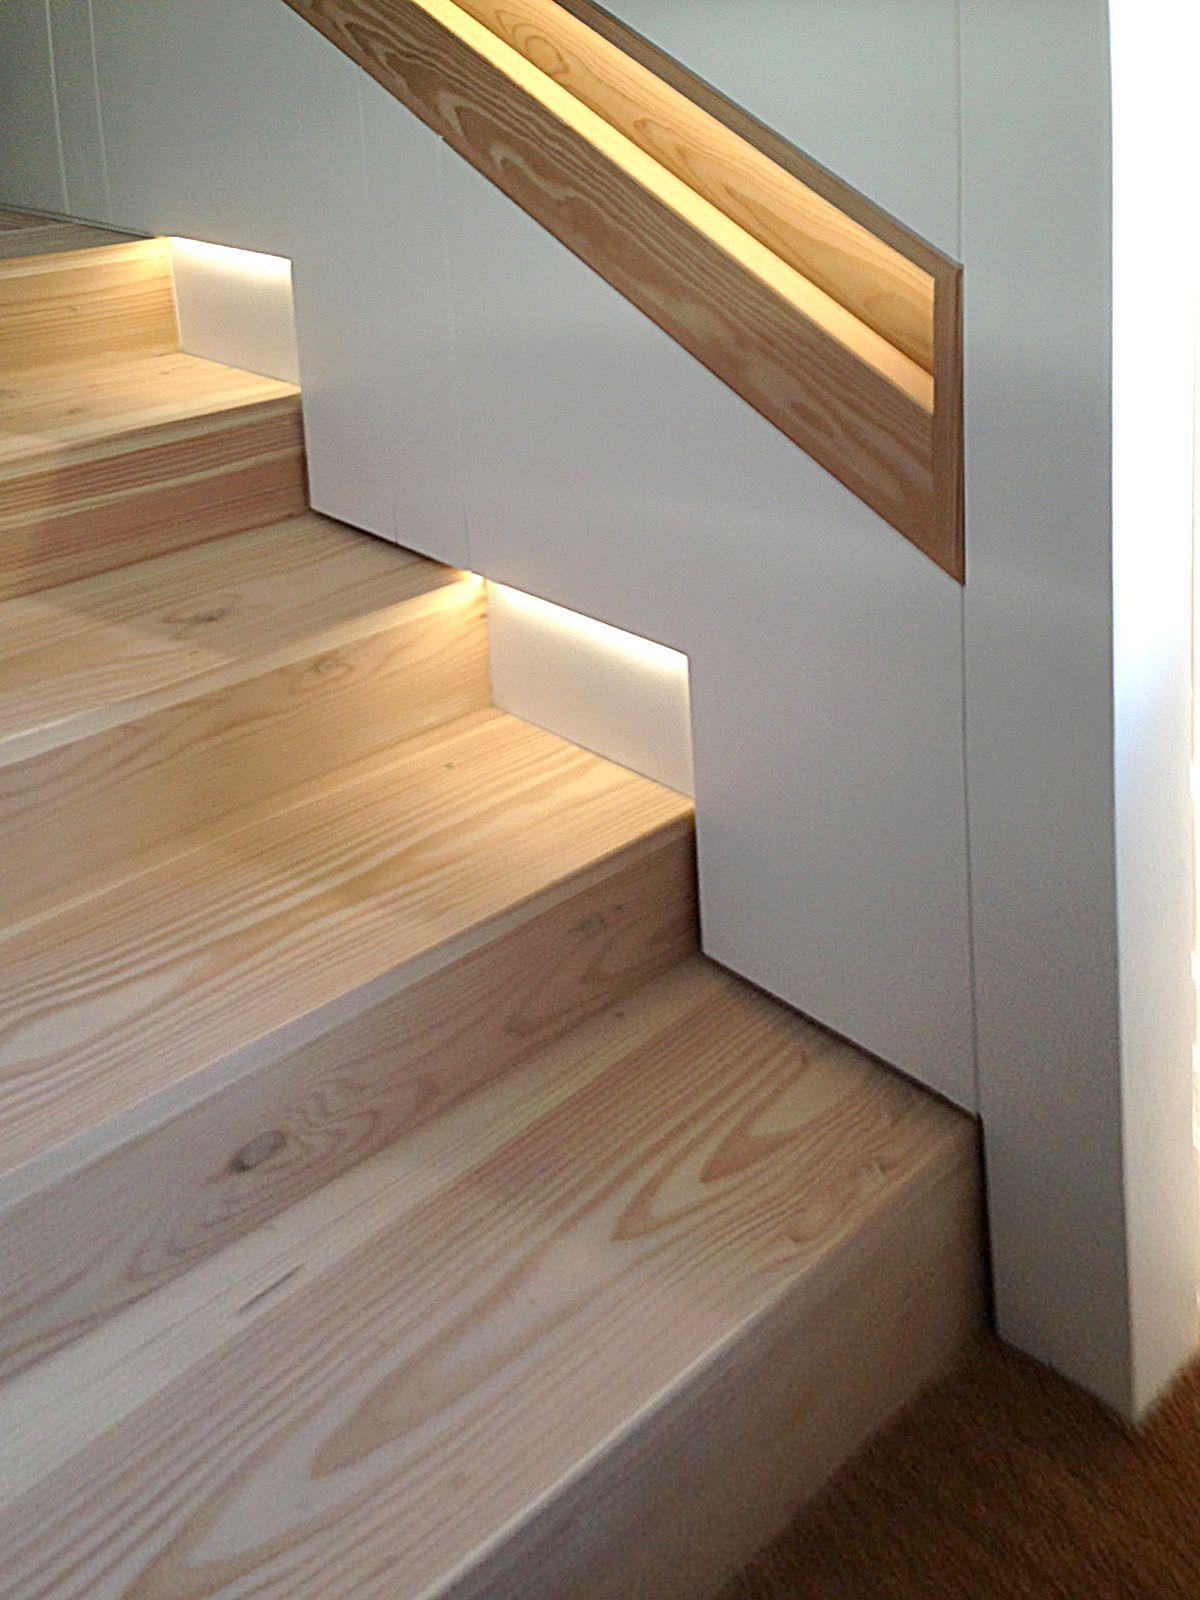 Best Douglas Fir Pine Stair Decor Stairs Design Modern Home 400 x 300